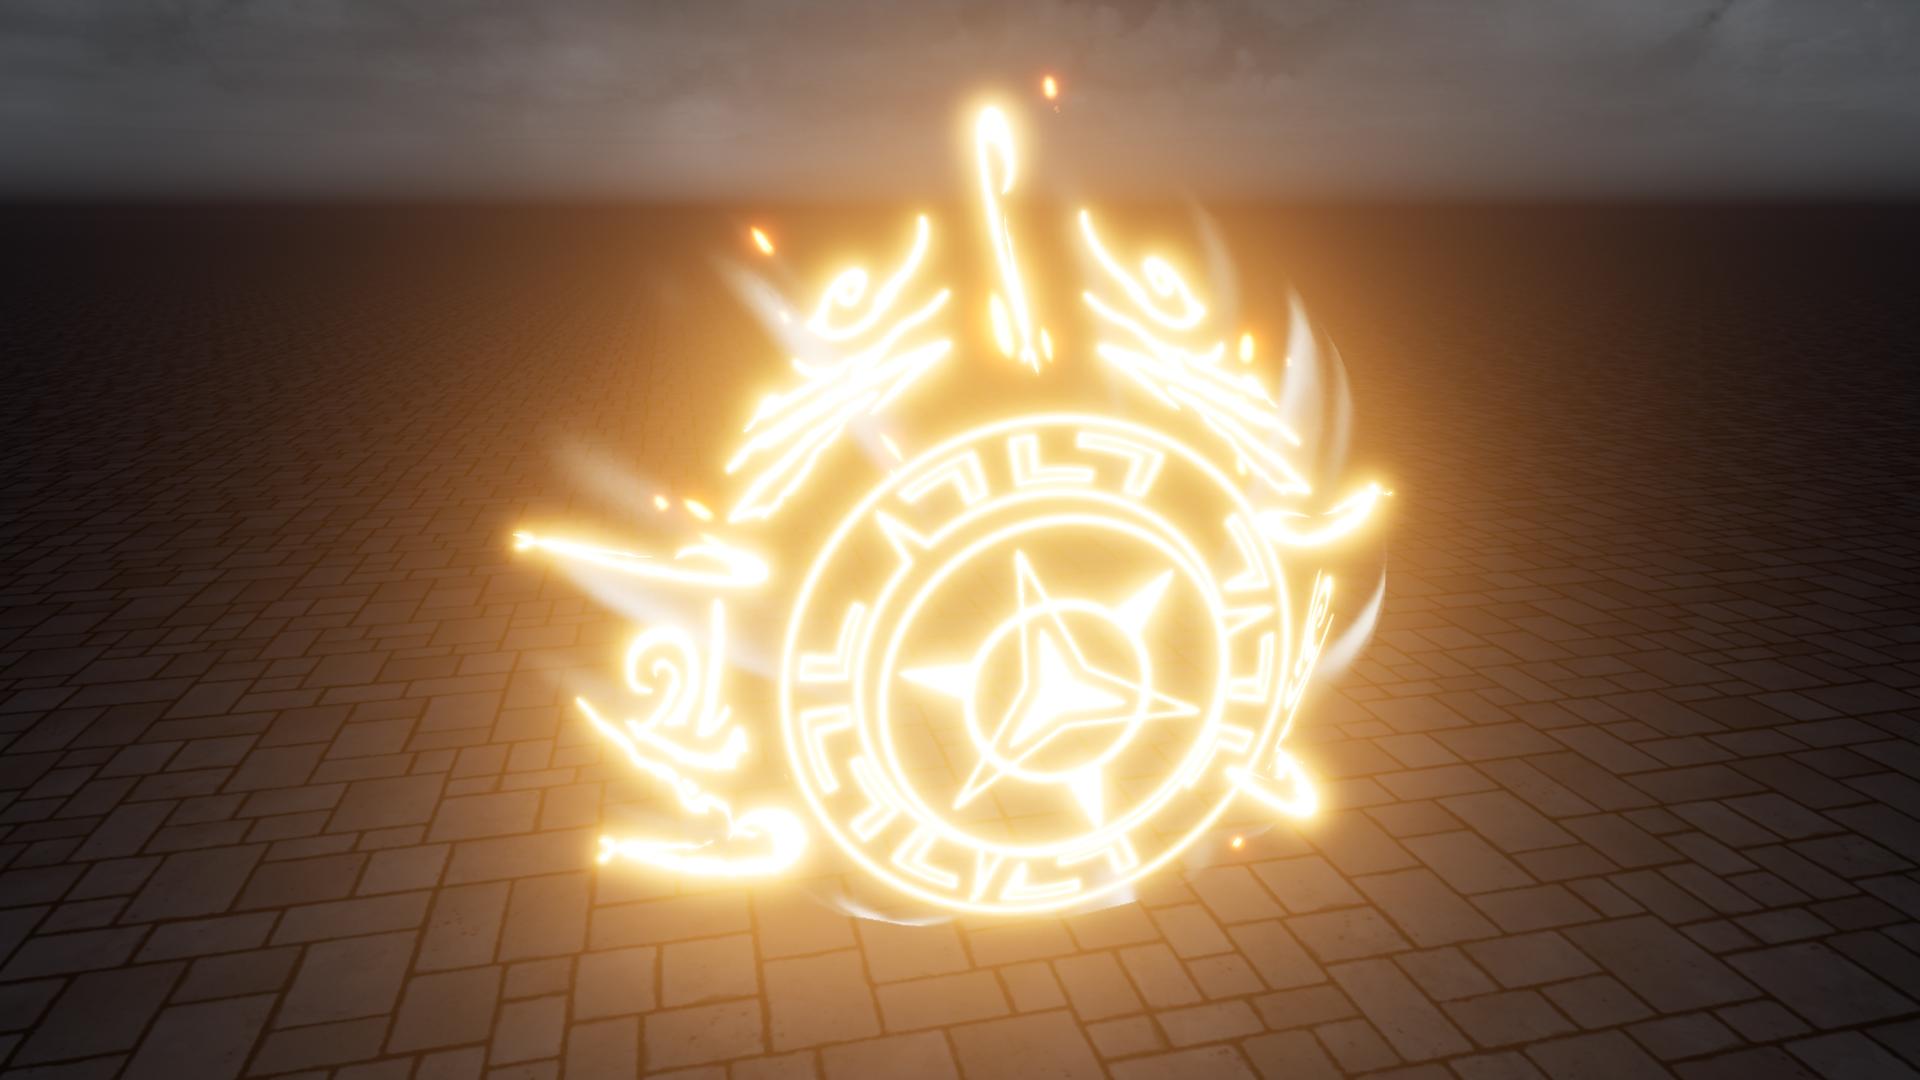 Arc of Sacred Stars Screenshot13-1920x1080-25463e5ef439dcb664e96e7232f19639